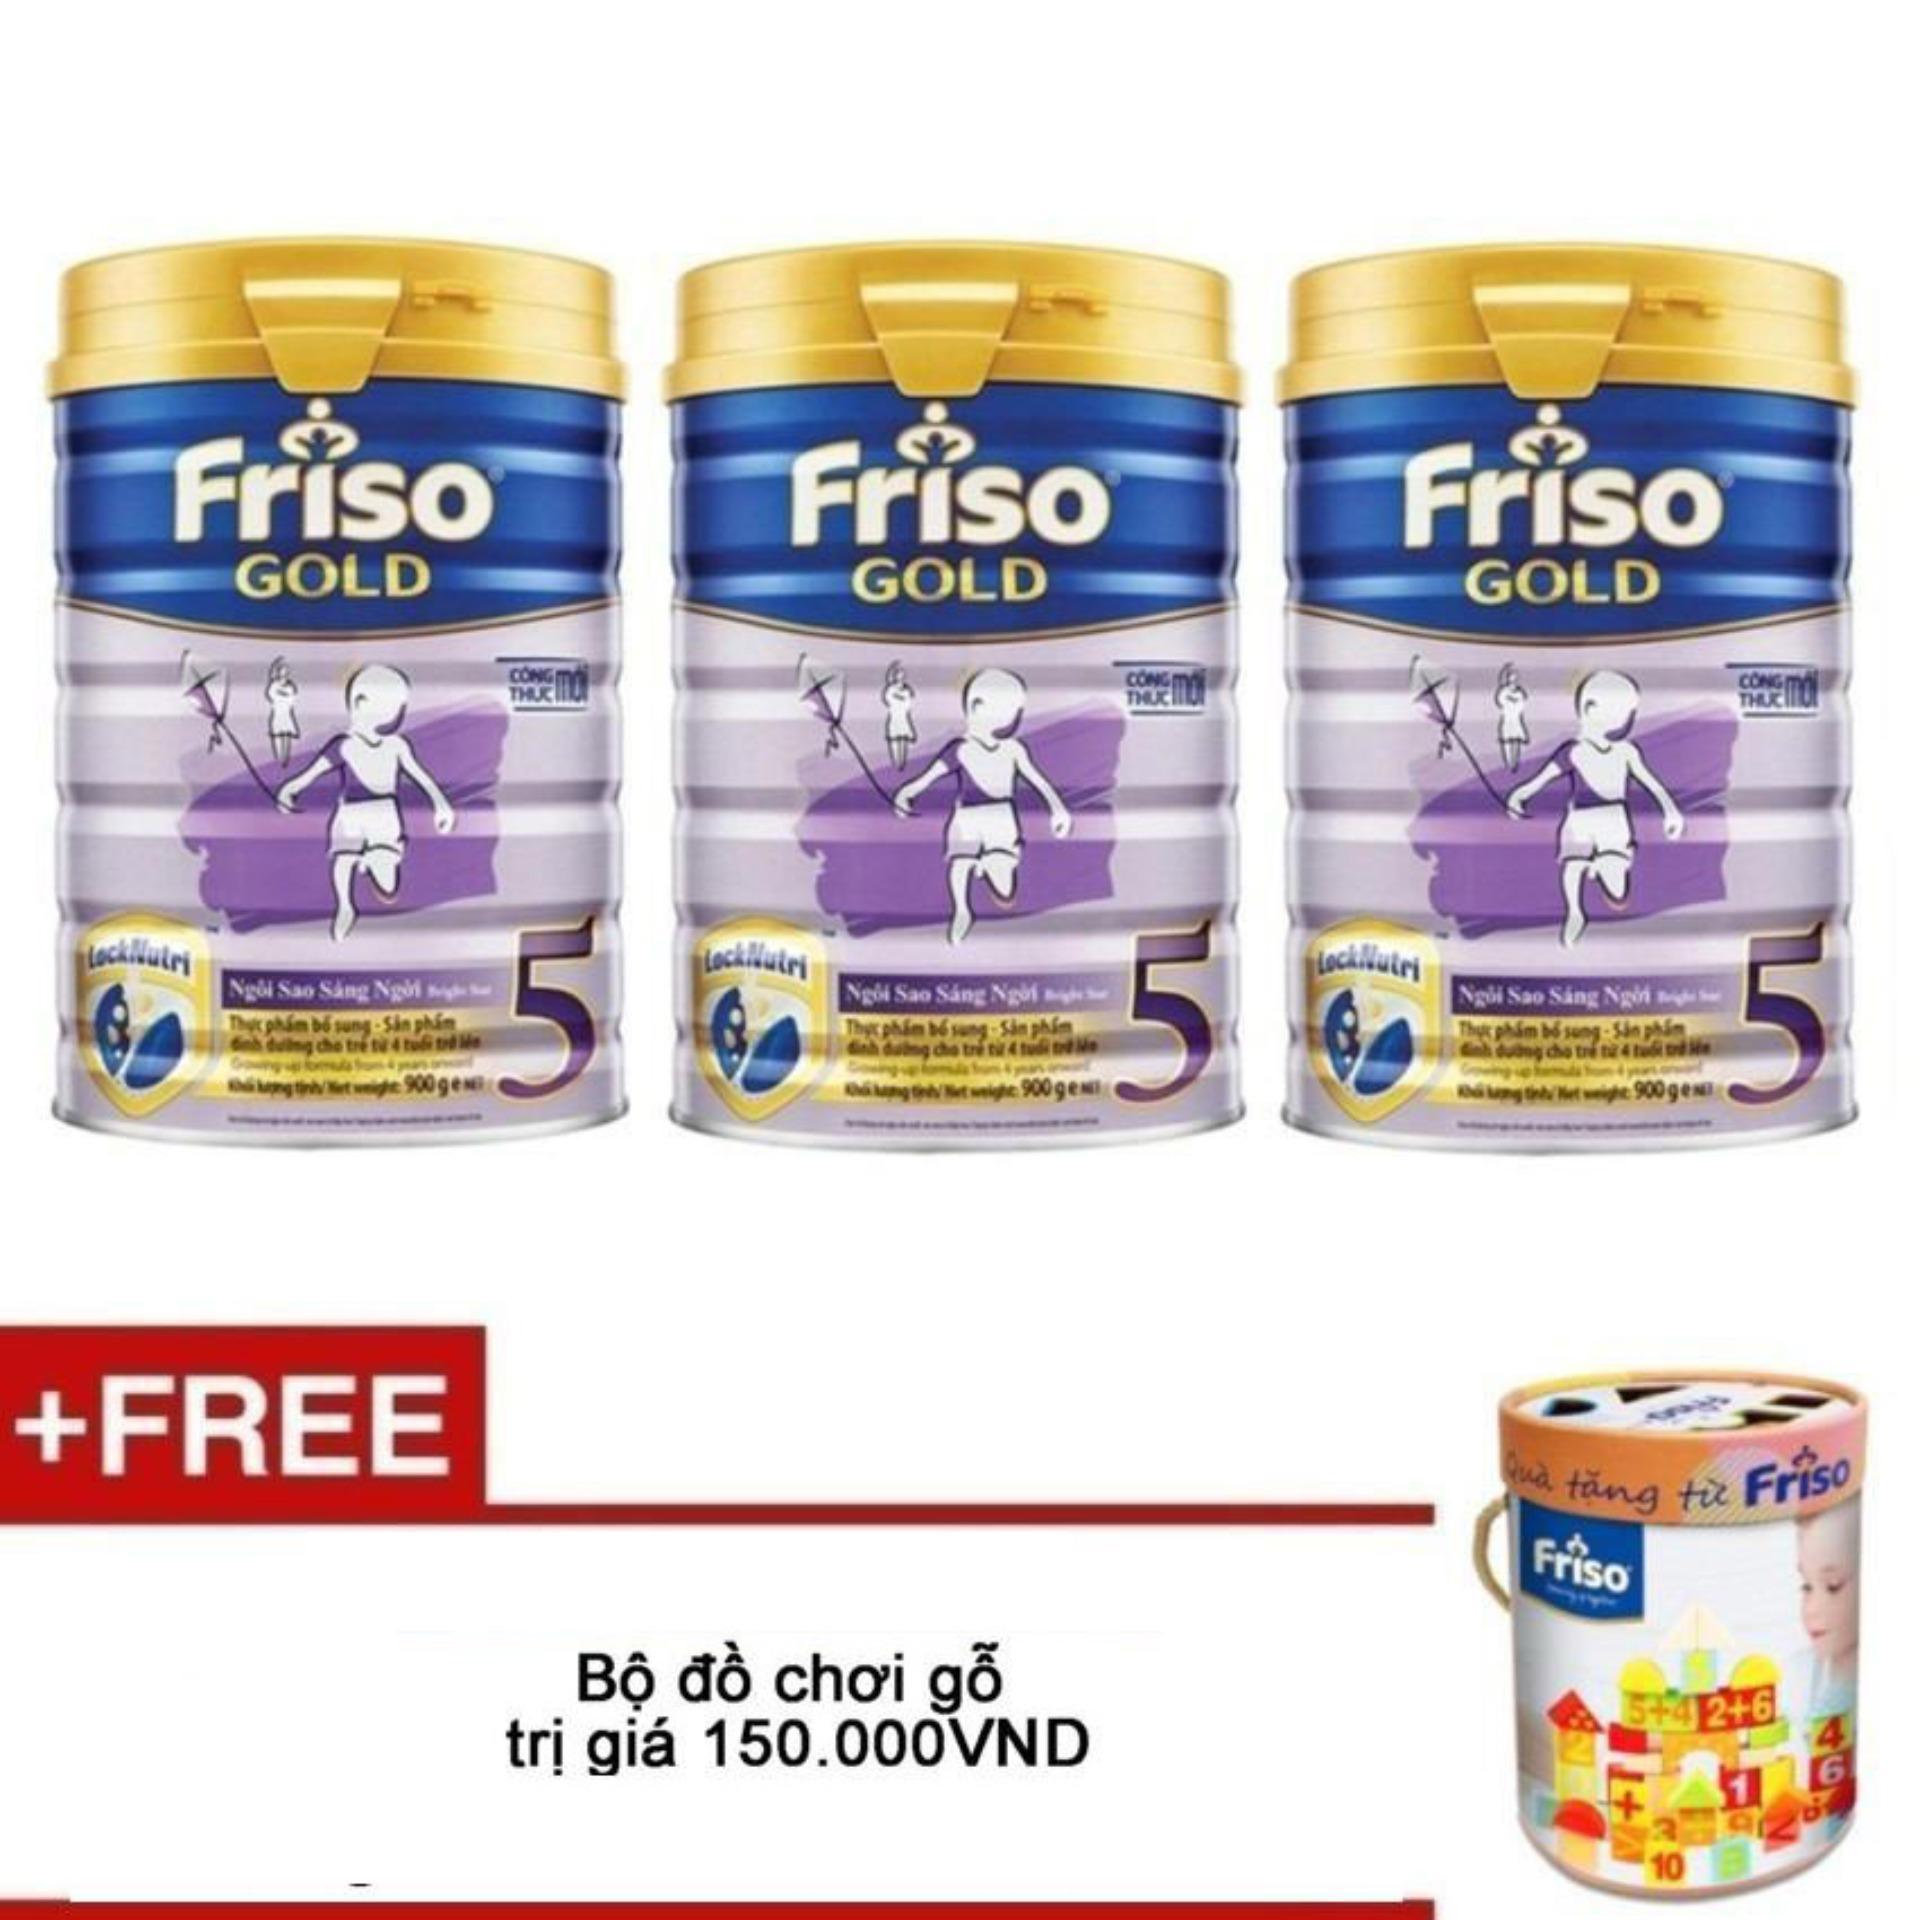 Mua Bộ 3 Sữa Bột Friso Gold 5 900G Tặng Bộ Đồ Chơi Gỗ Trị Gia 150 000Vnd Vietnam